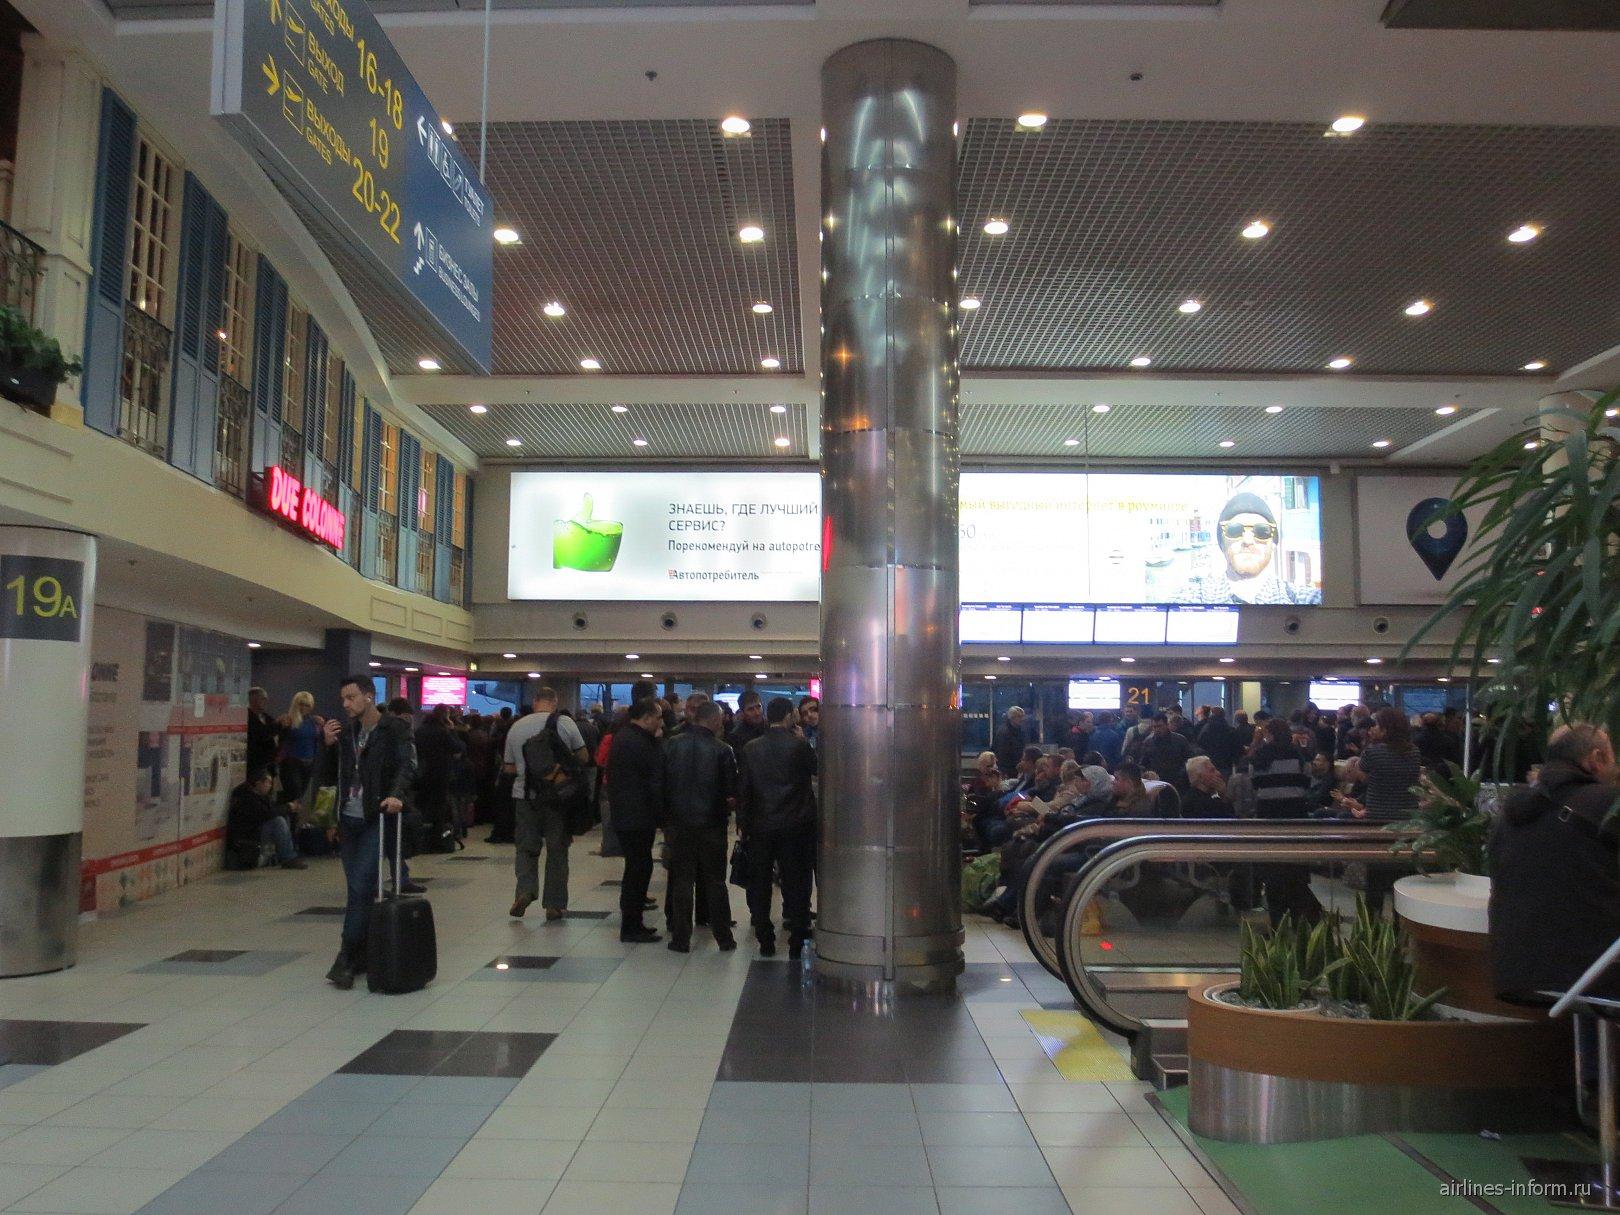 Авиабилеты Стамбул Москва Билеты на самолет Тутуру